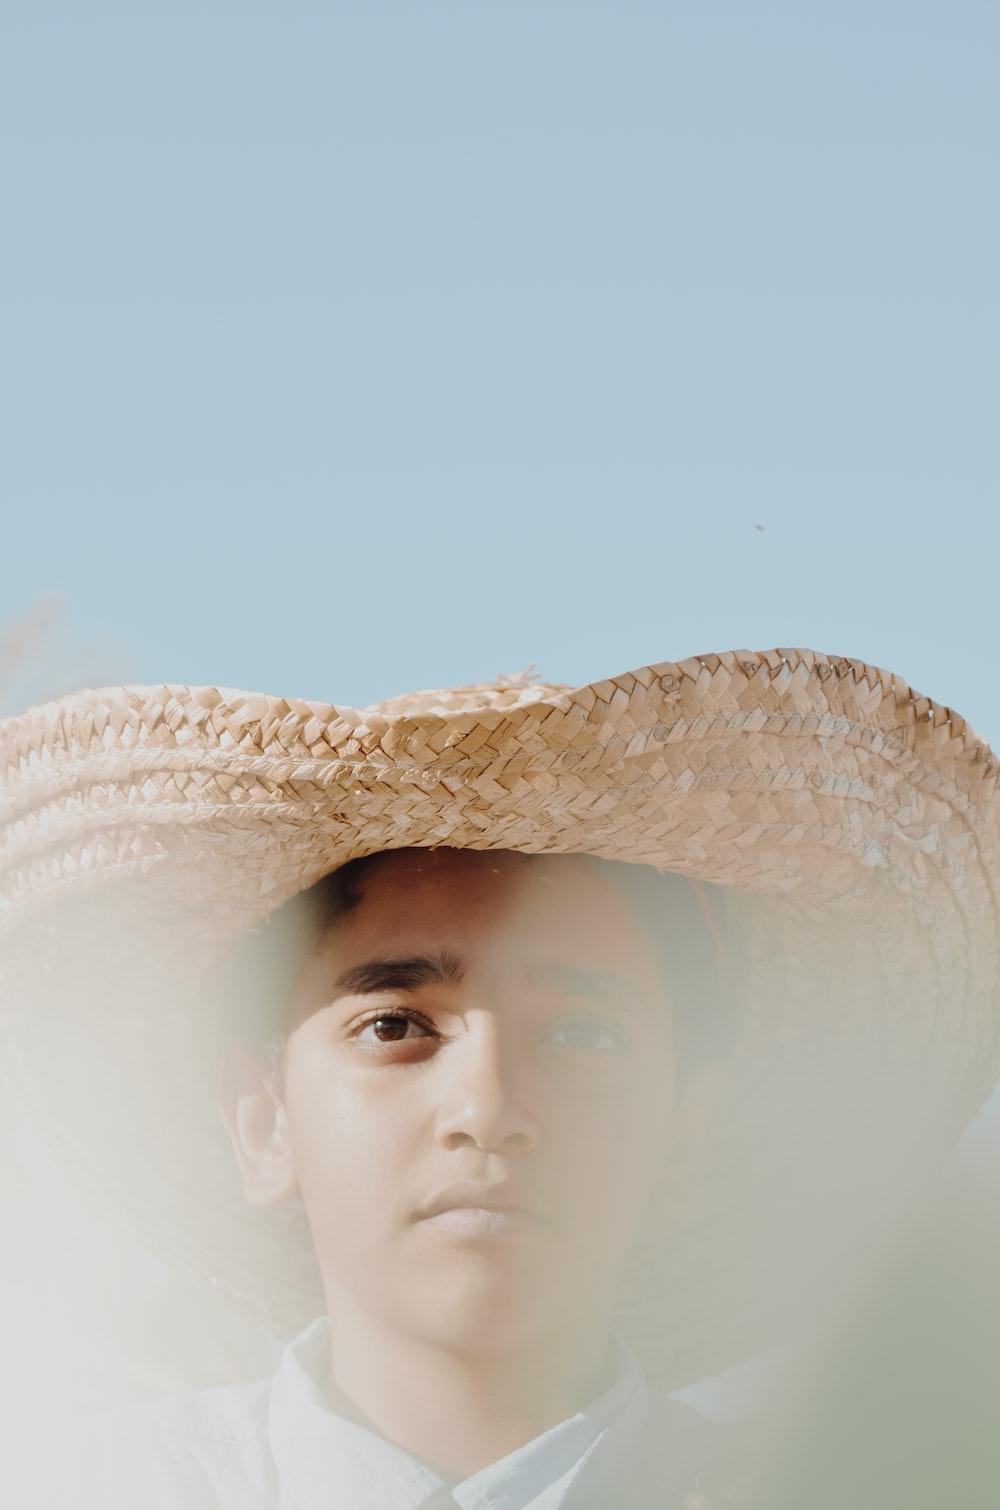 man wearing brown hat